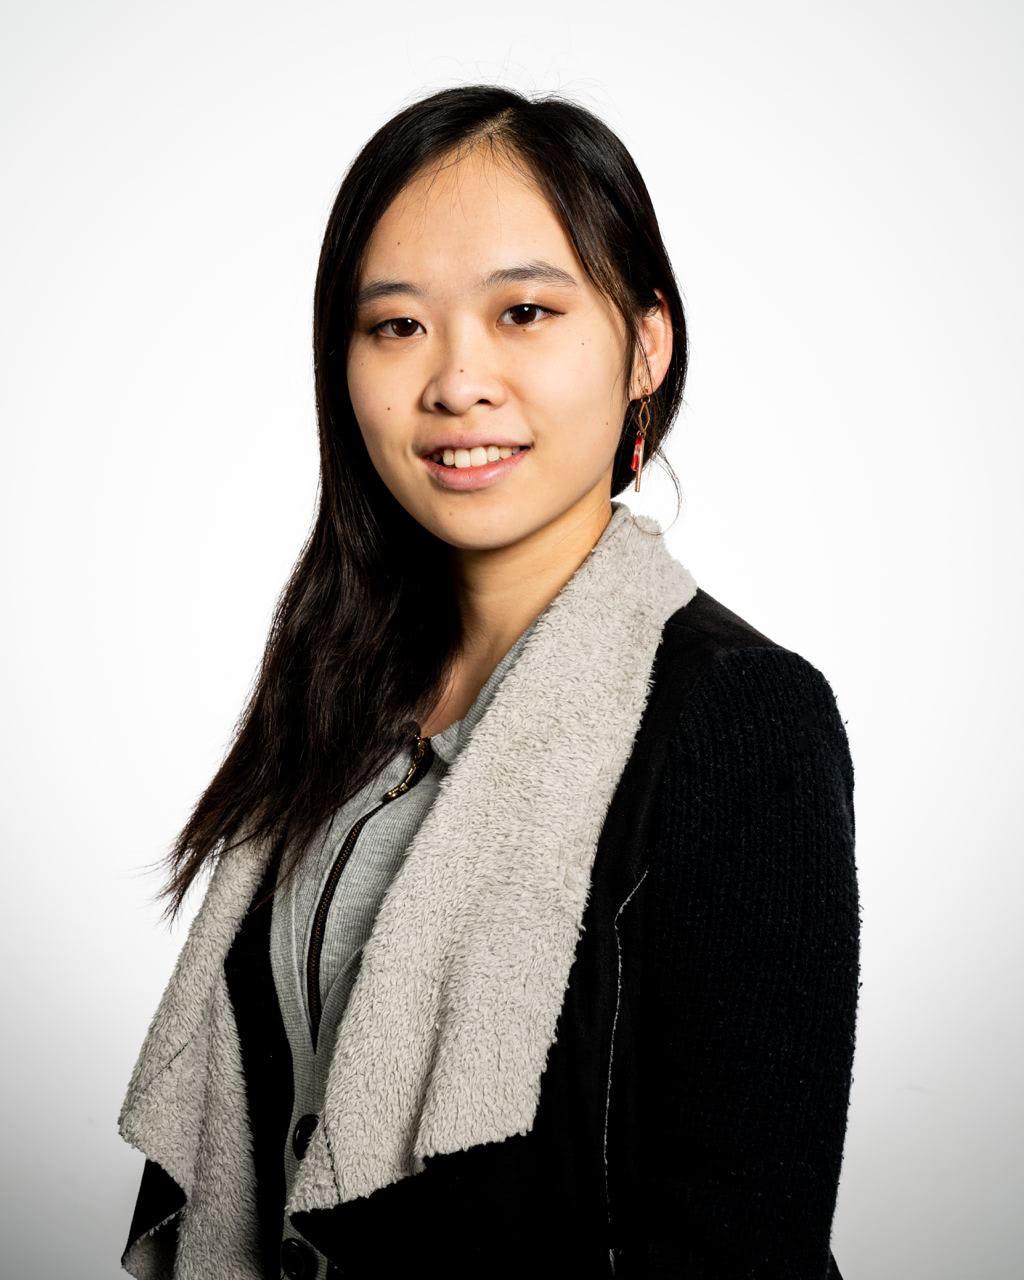 Juliet Li